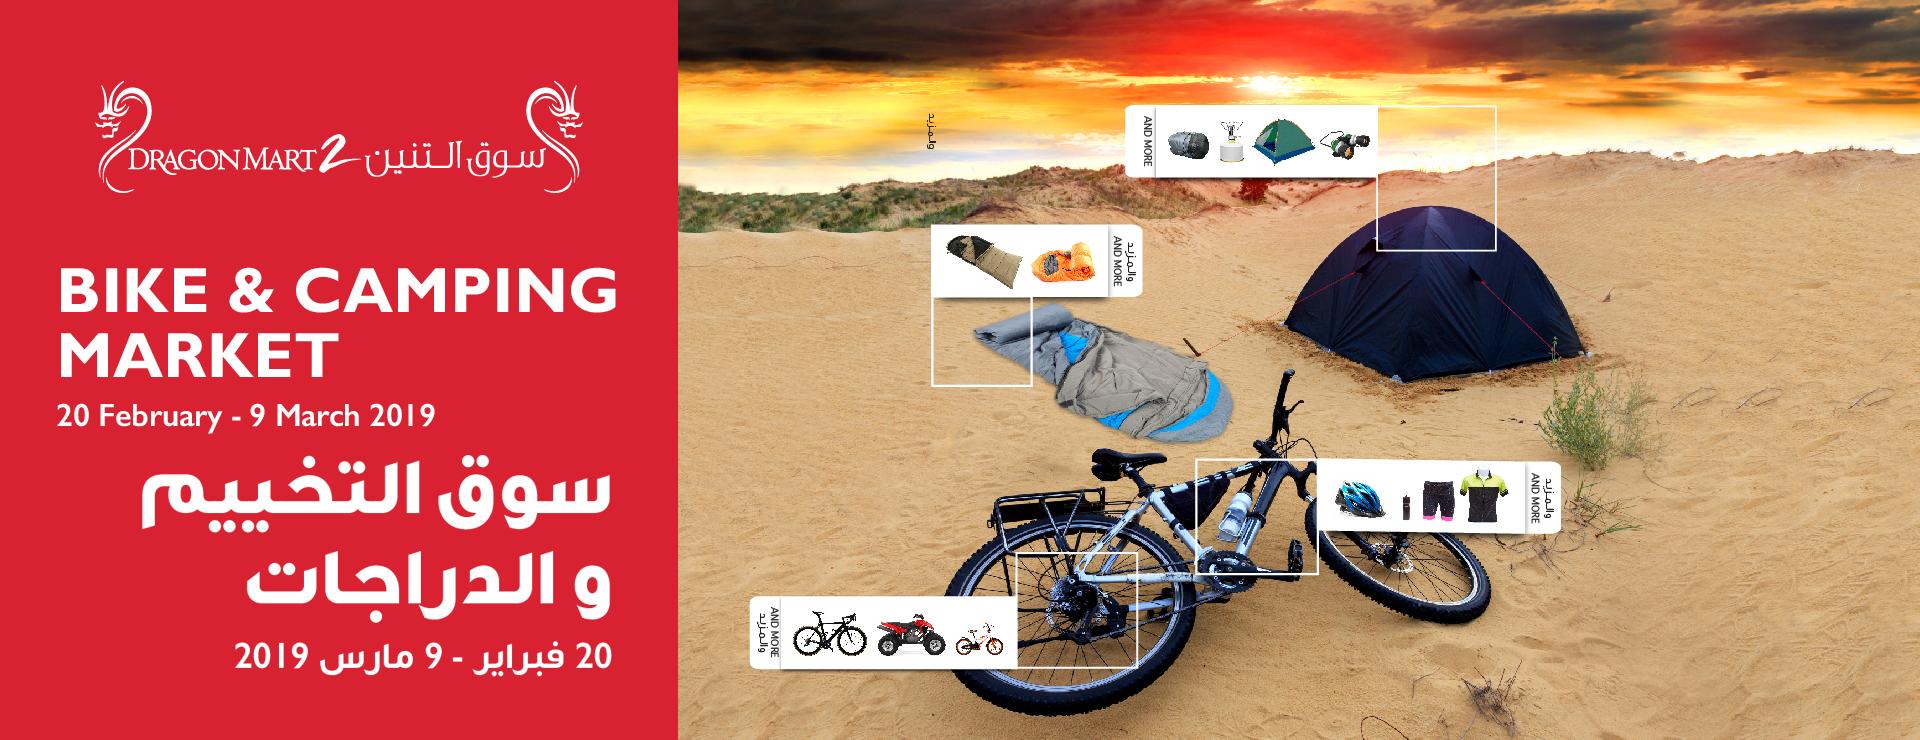 Best Offers in Dubai